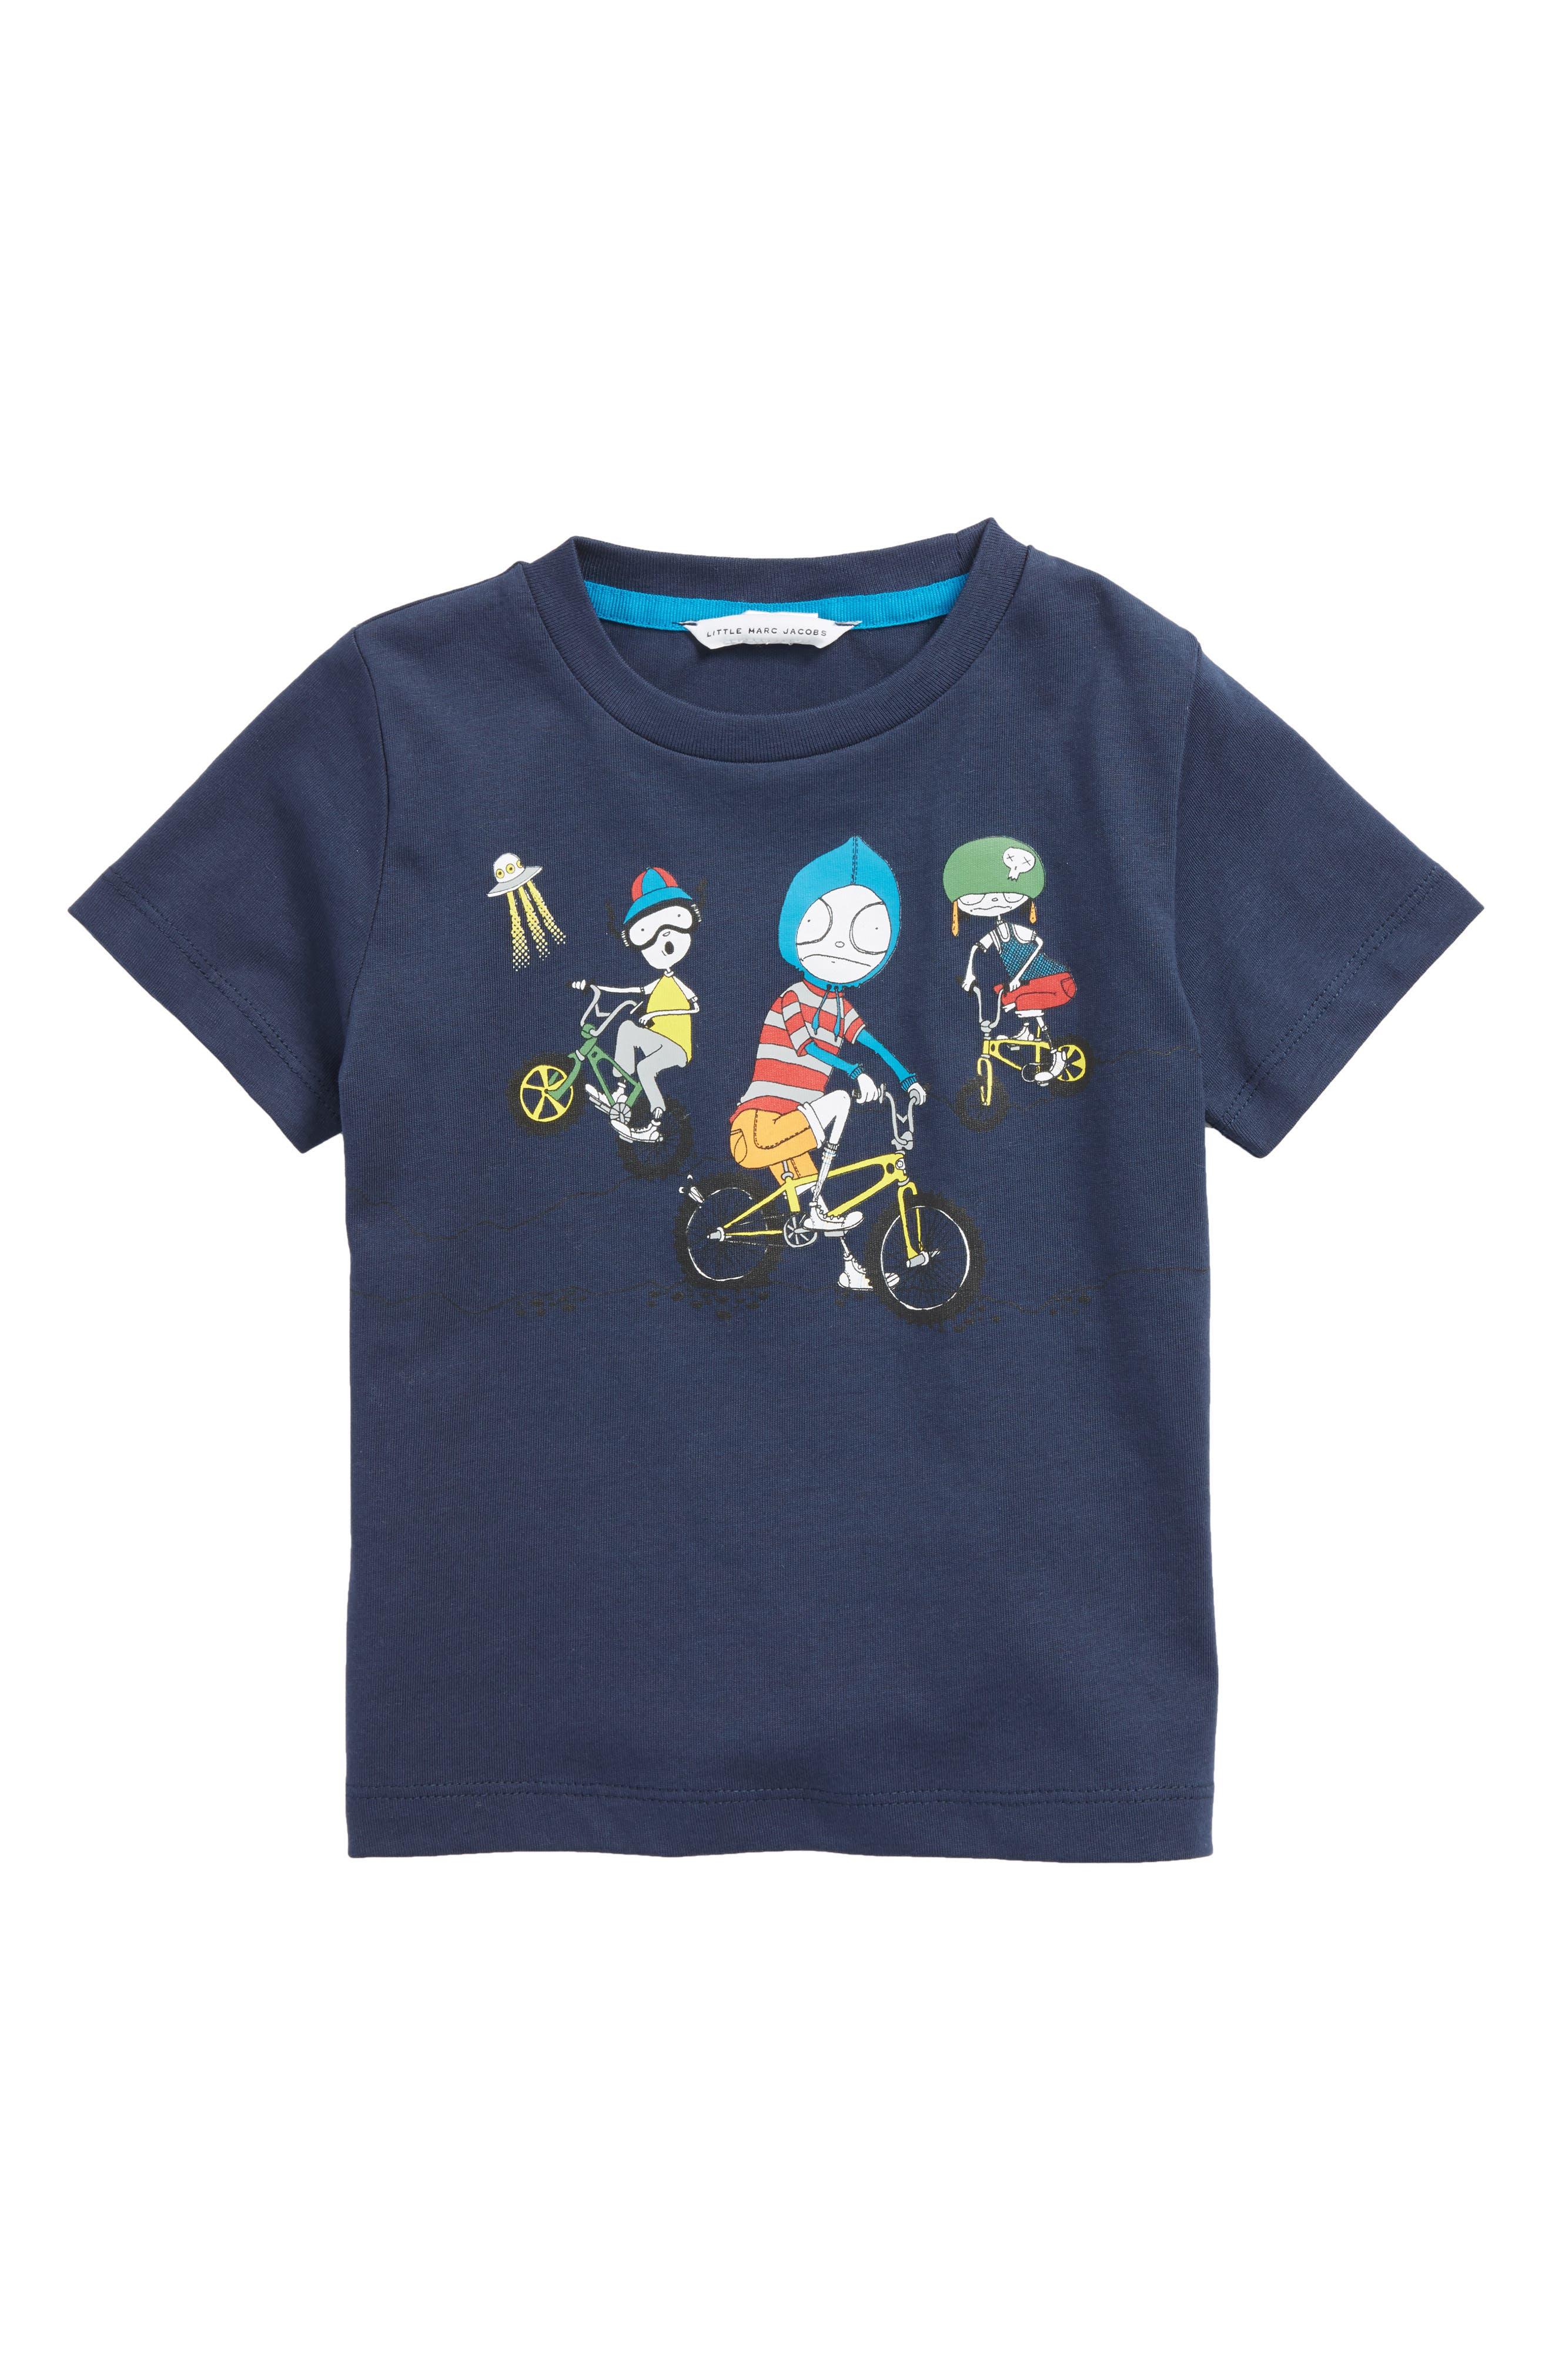 Mister Marc T-Shirt,                             Main thumbnail 1, color,                             Nuit